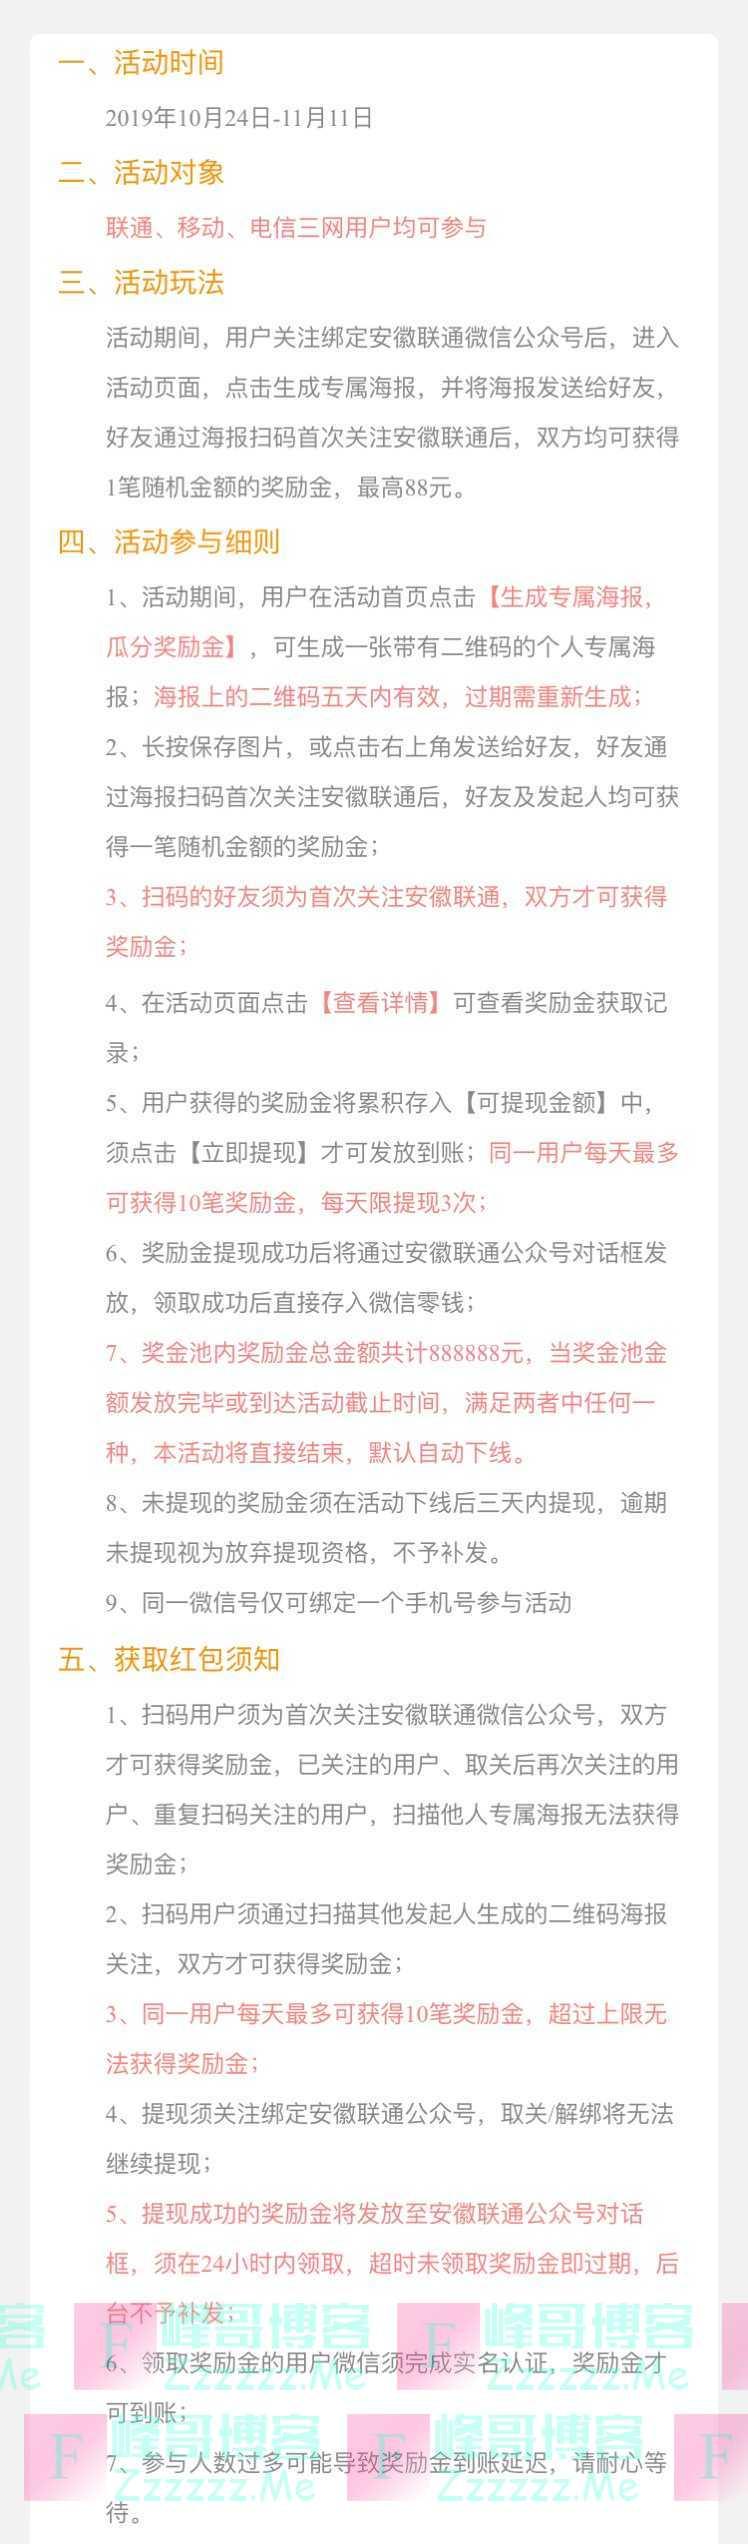 安徽联通瓜分888888元奖励金(11月11日截止)